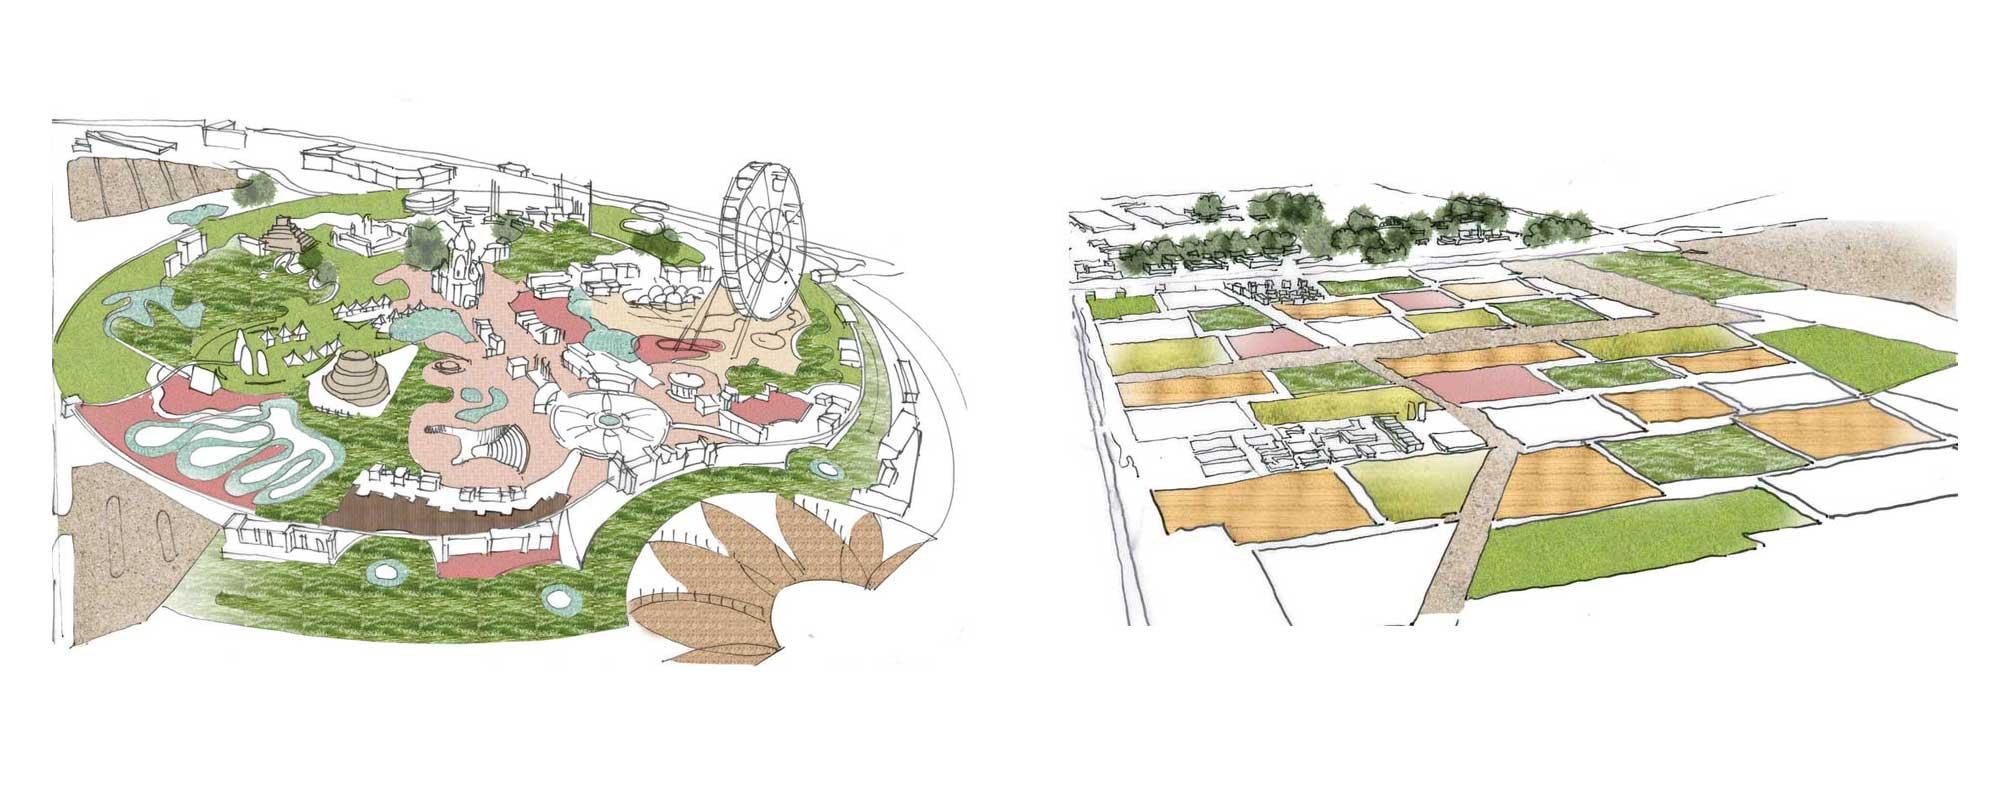 Zones description. Agriculture cluster | Theme park